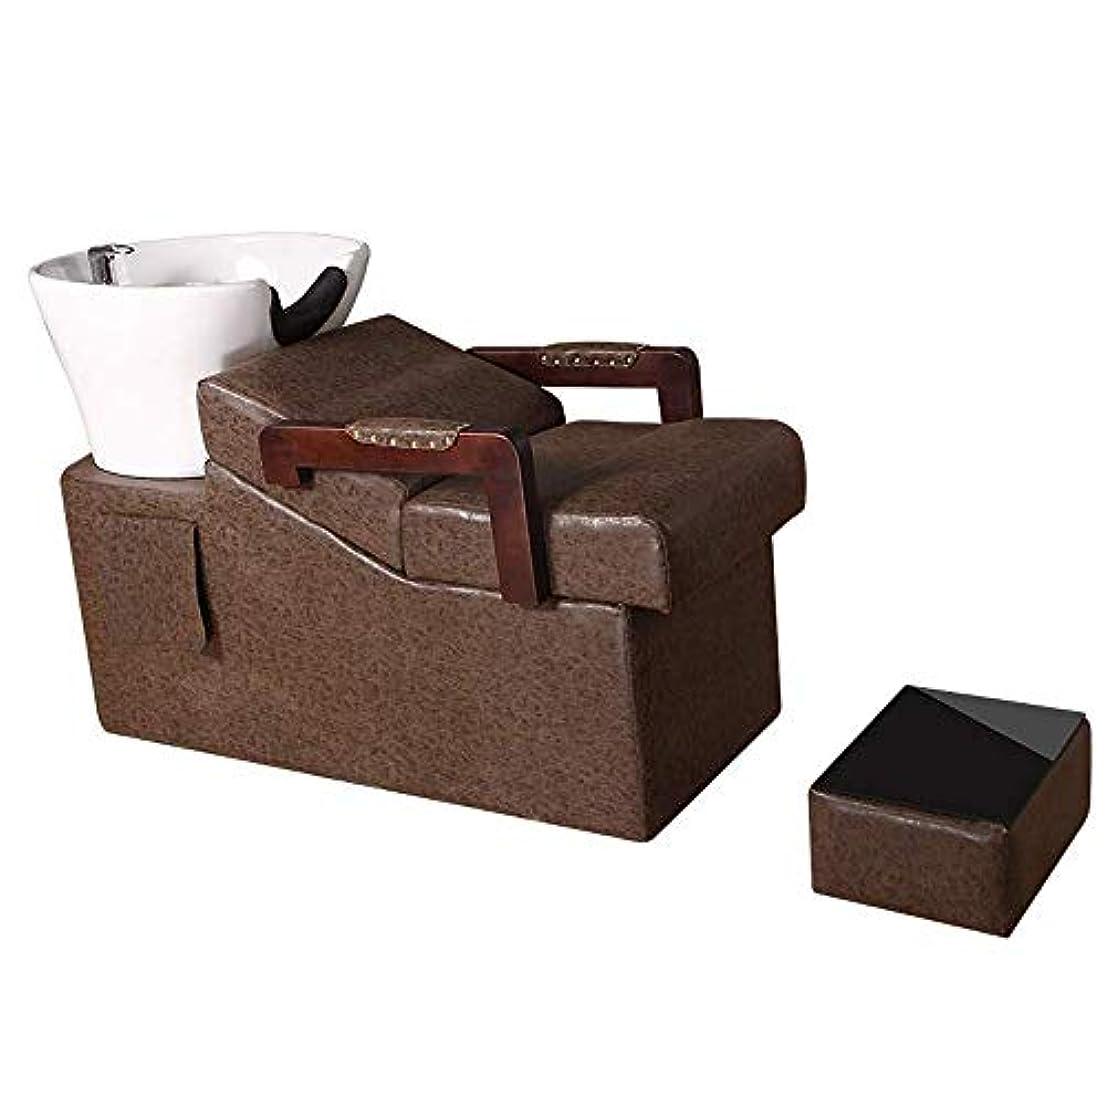 サスペンドモール精算シャンプーバーバー逆洗椅子、スパビューティーサロン装置特殊シャンプーベッドのための逆洗ユニットシャンプーボウル理髪シンクチェア